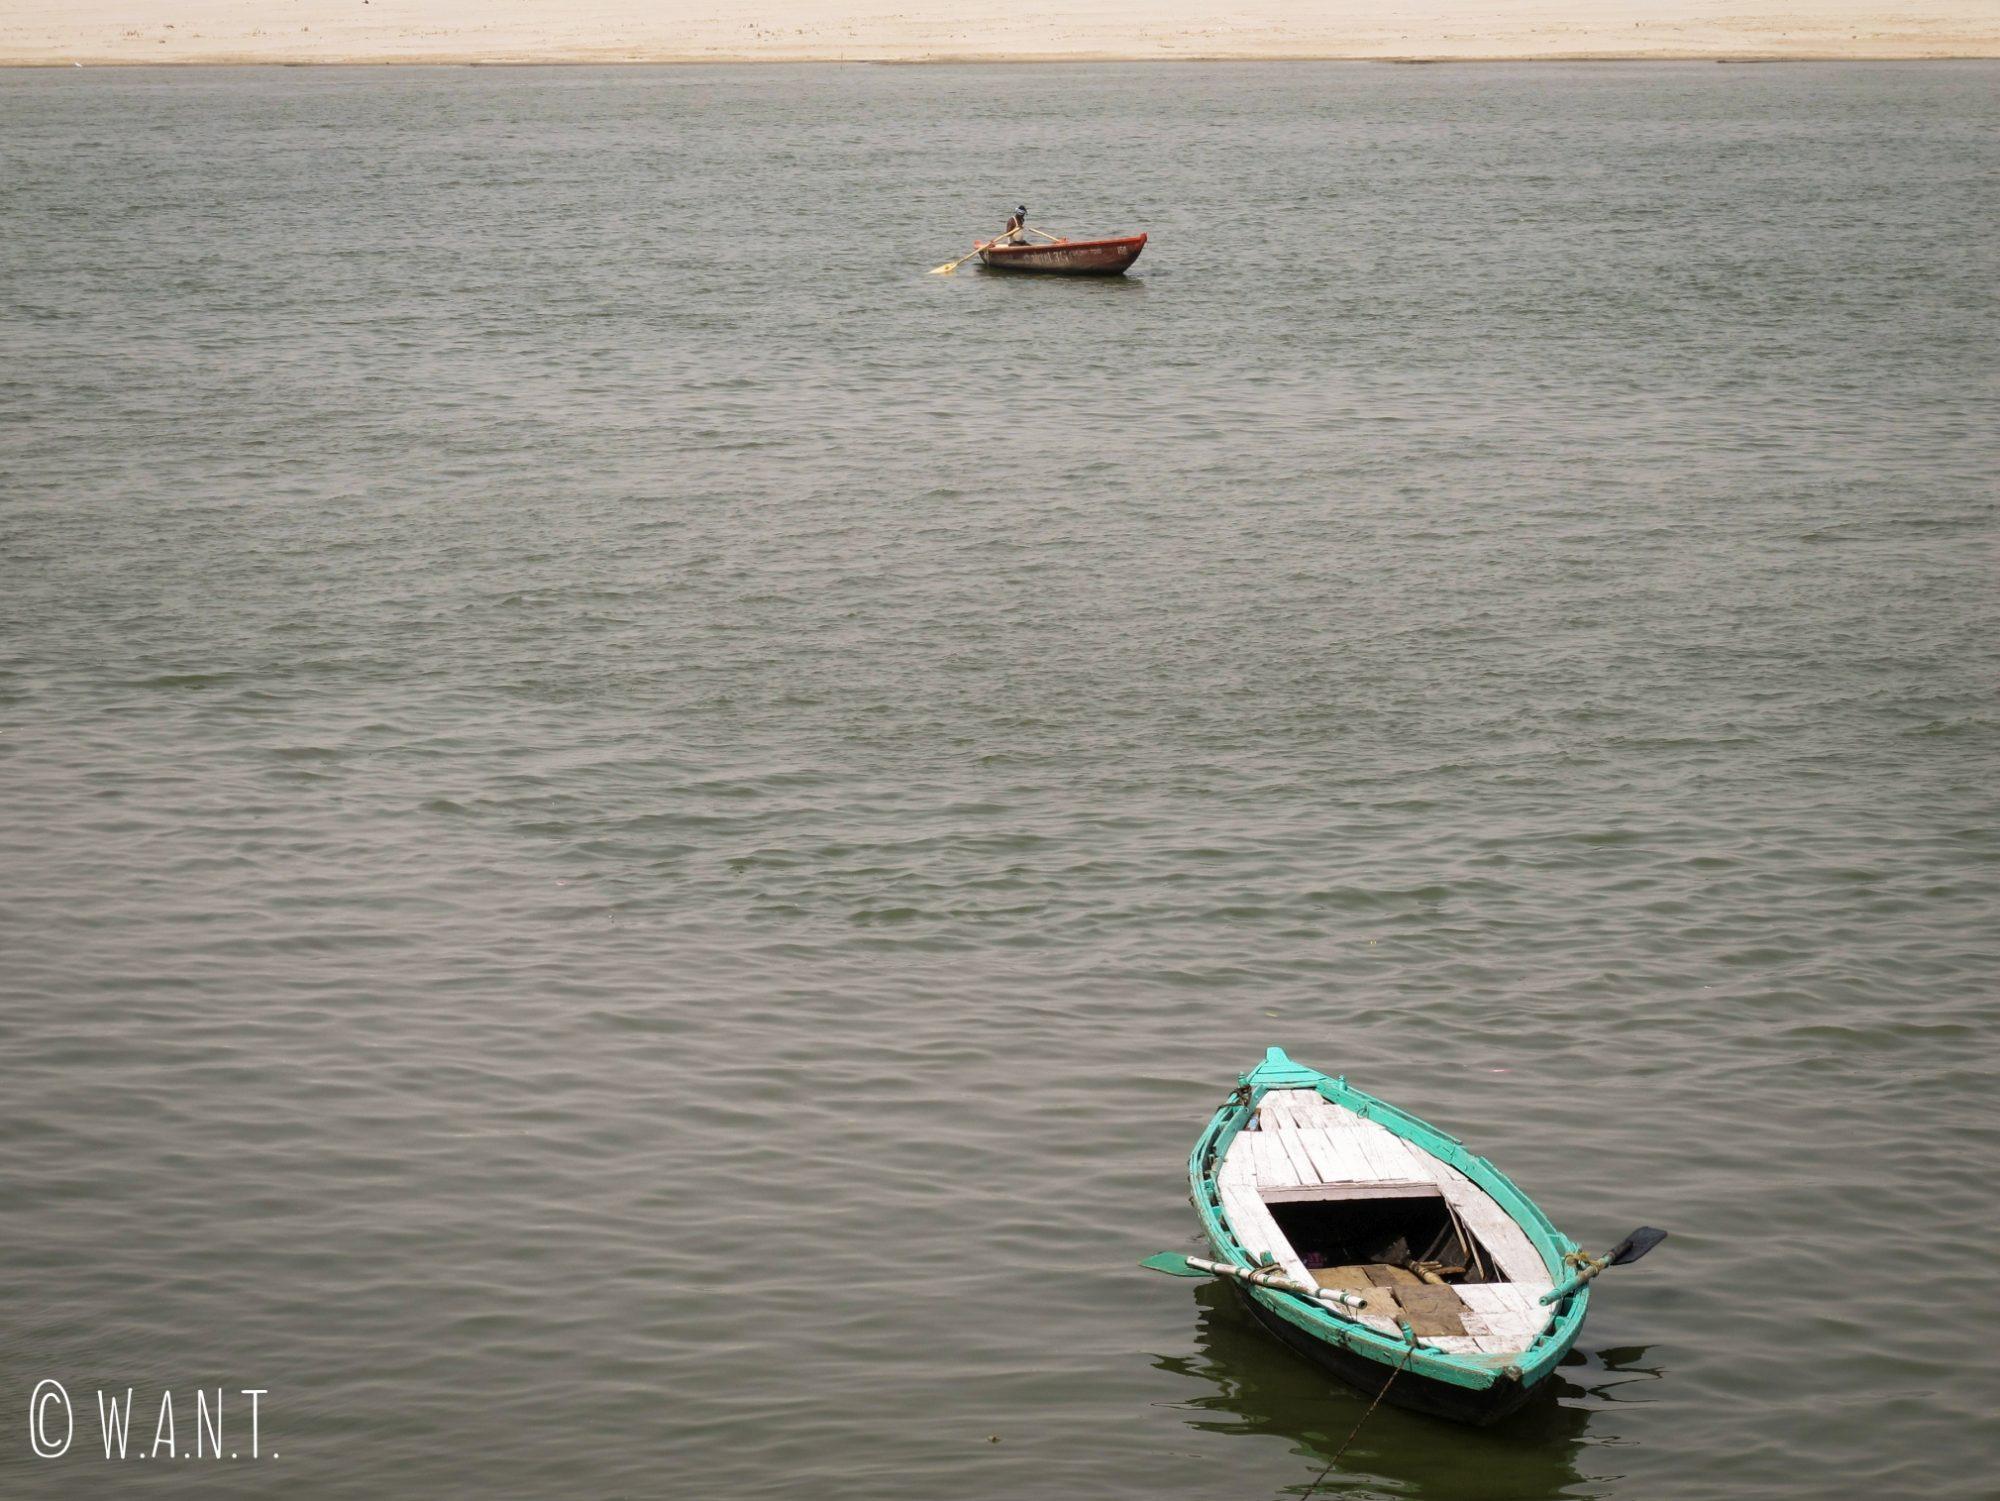 Les habitants de Varanasi utilisent leur barque pour se déplacer sur le Gange et y pêcher